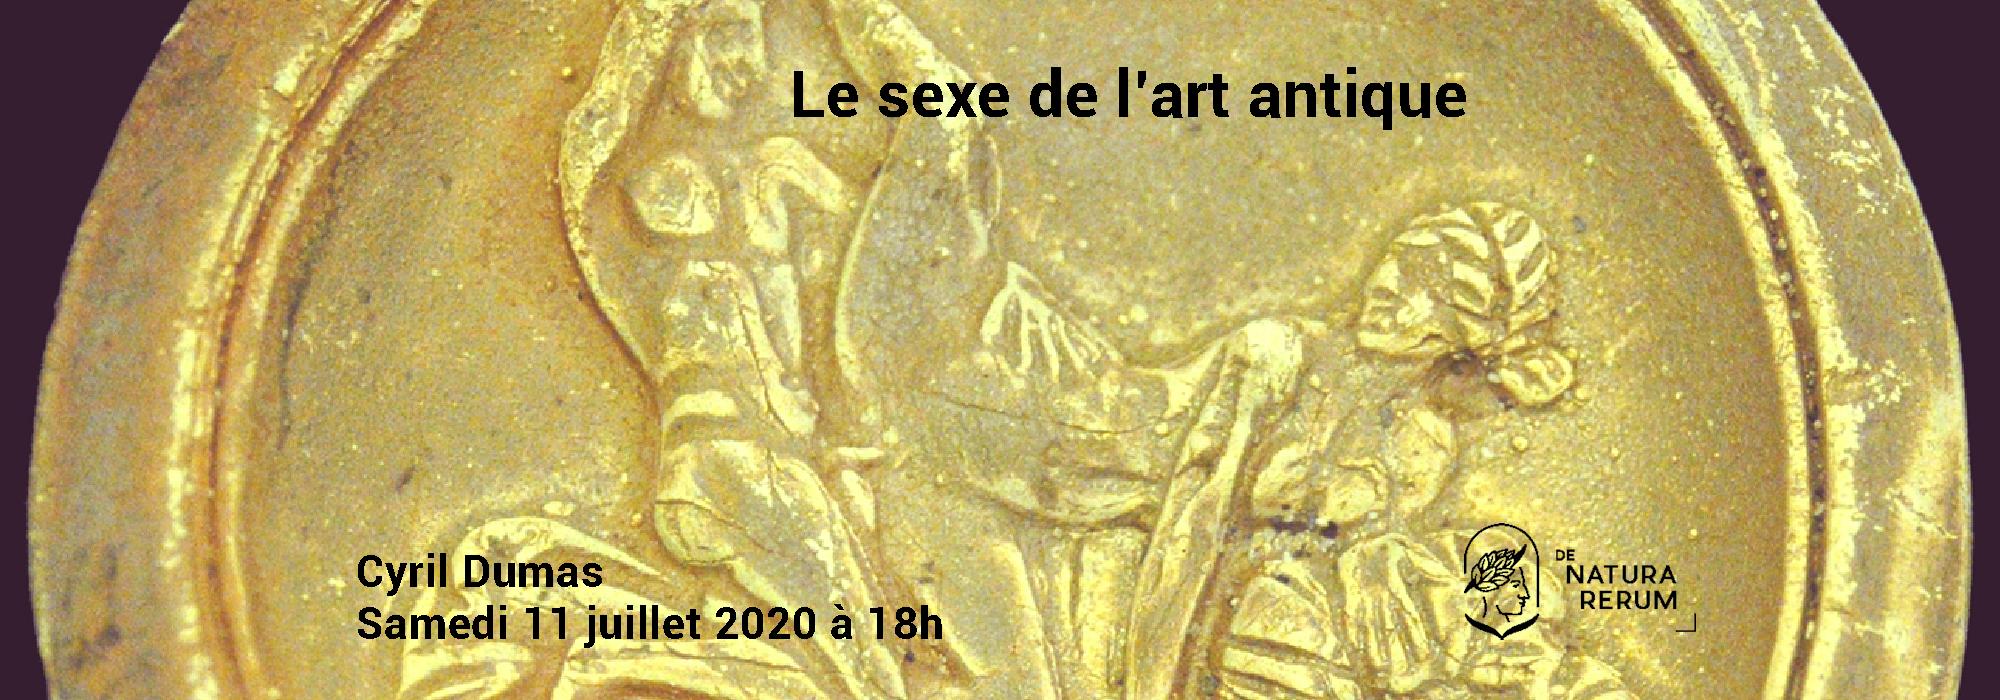 Le sexe de l'art antique. Cyril Dumas chez De natura rerum